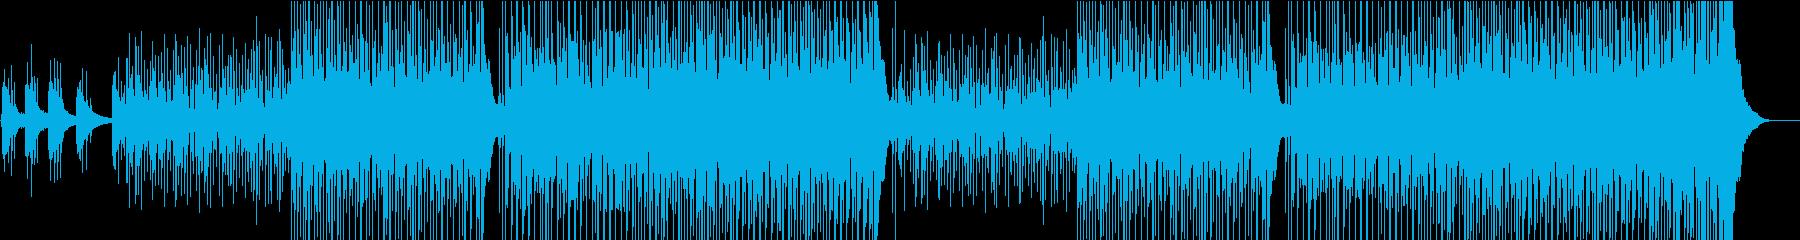 メロディが可愛いカントリーの再生済みの波形